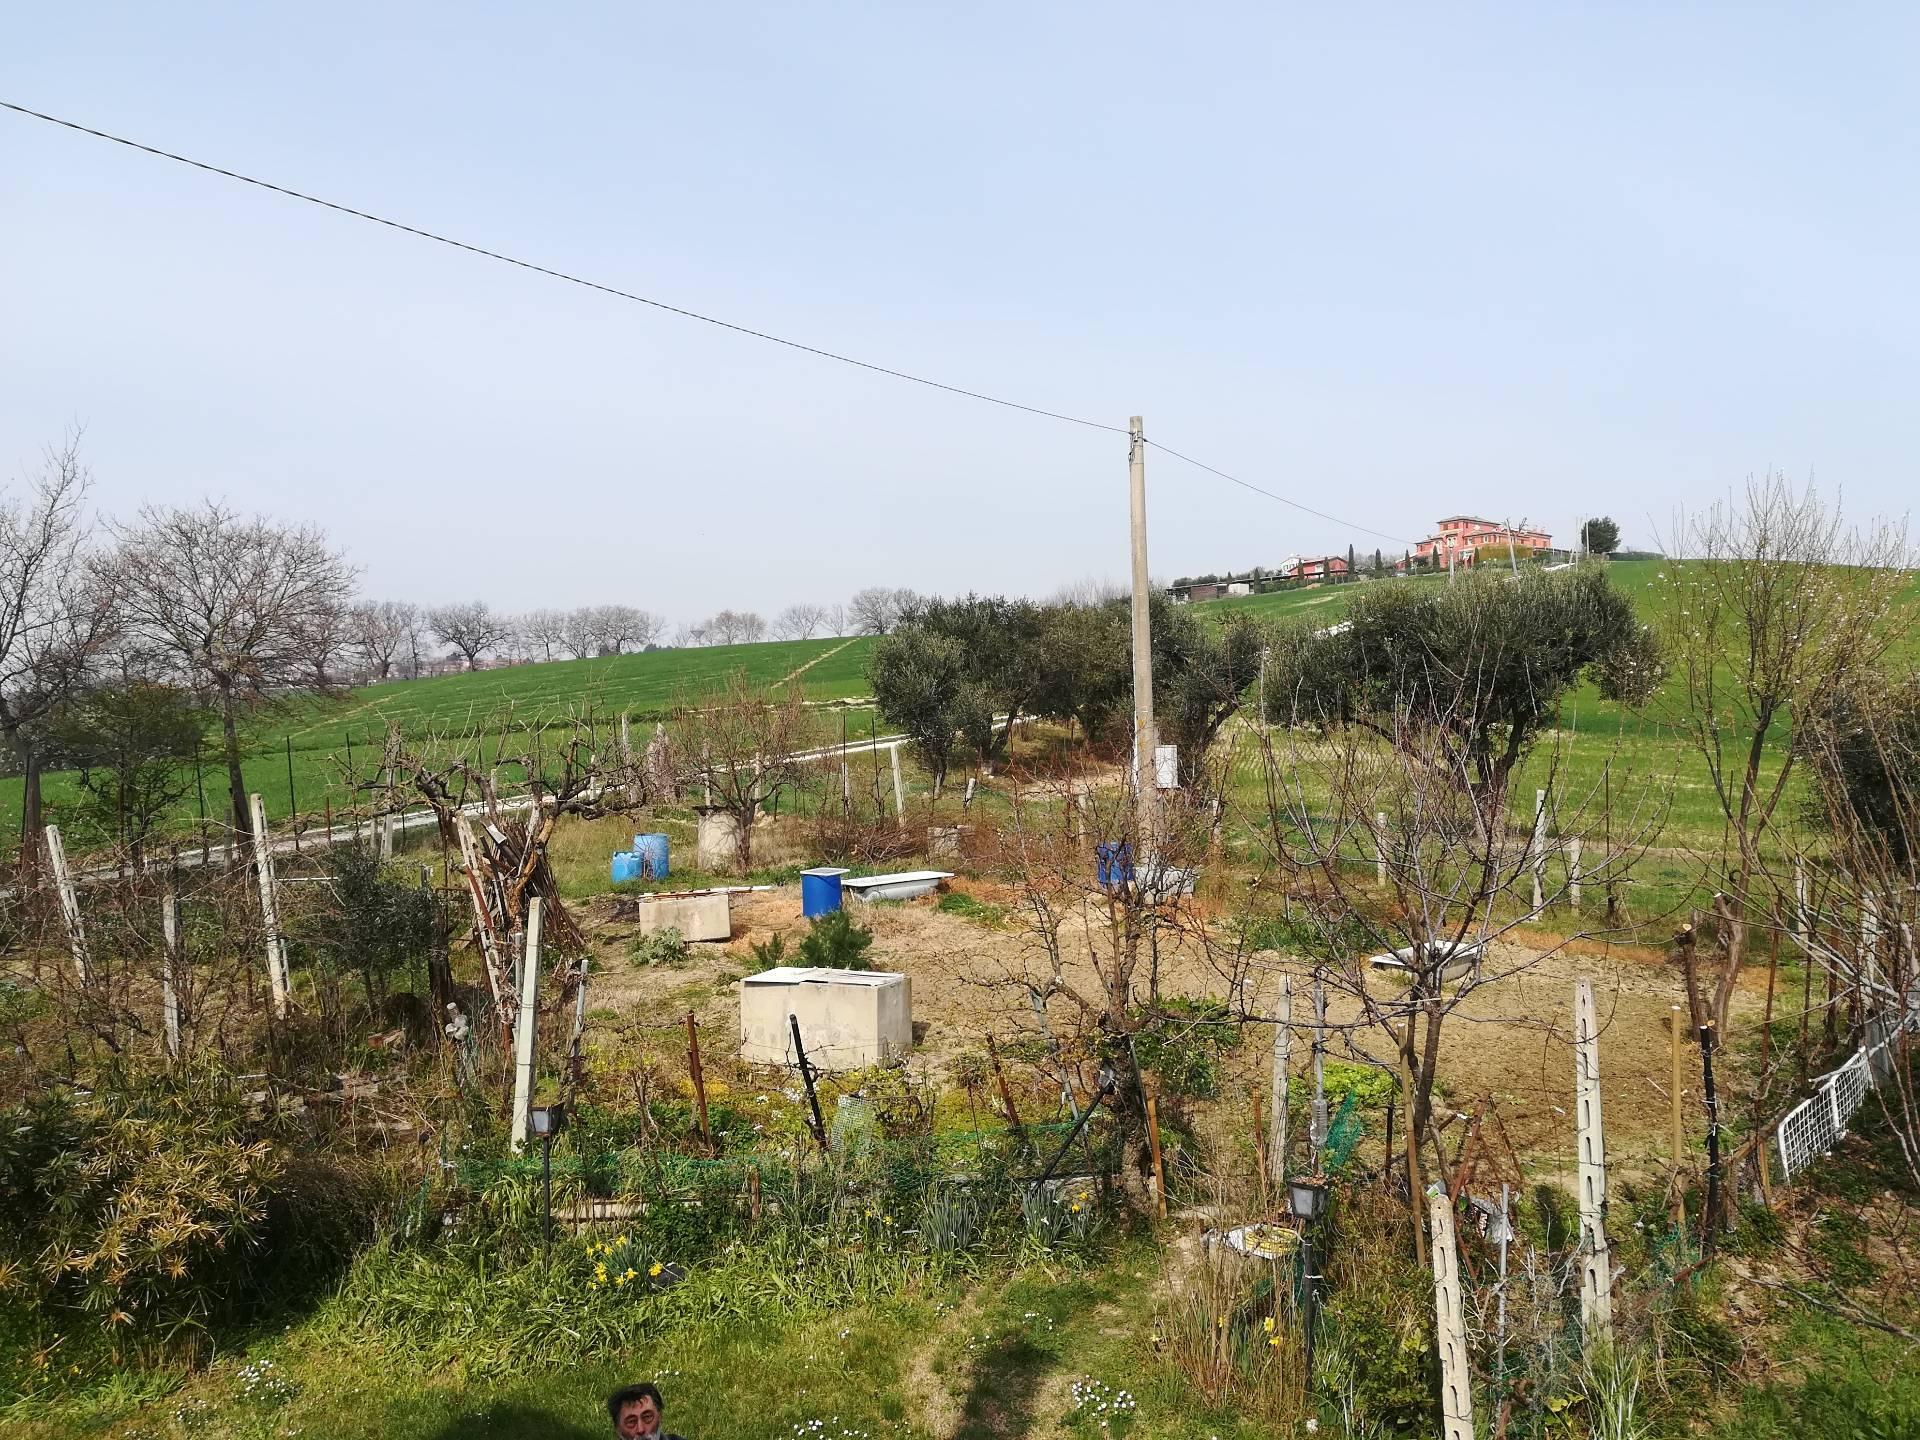 Terreno Agricolo in vendita a Polverigi, 9999 locali, zona Località: SanVincenzo, prezzo € 11.000   CambioCasa.it